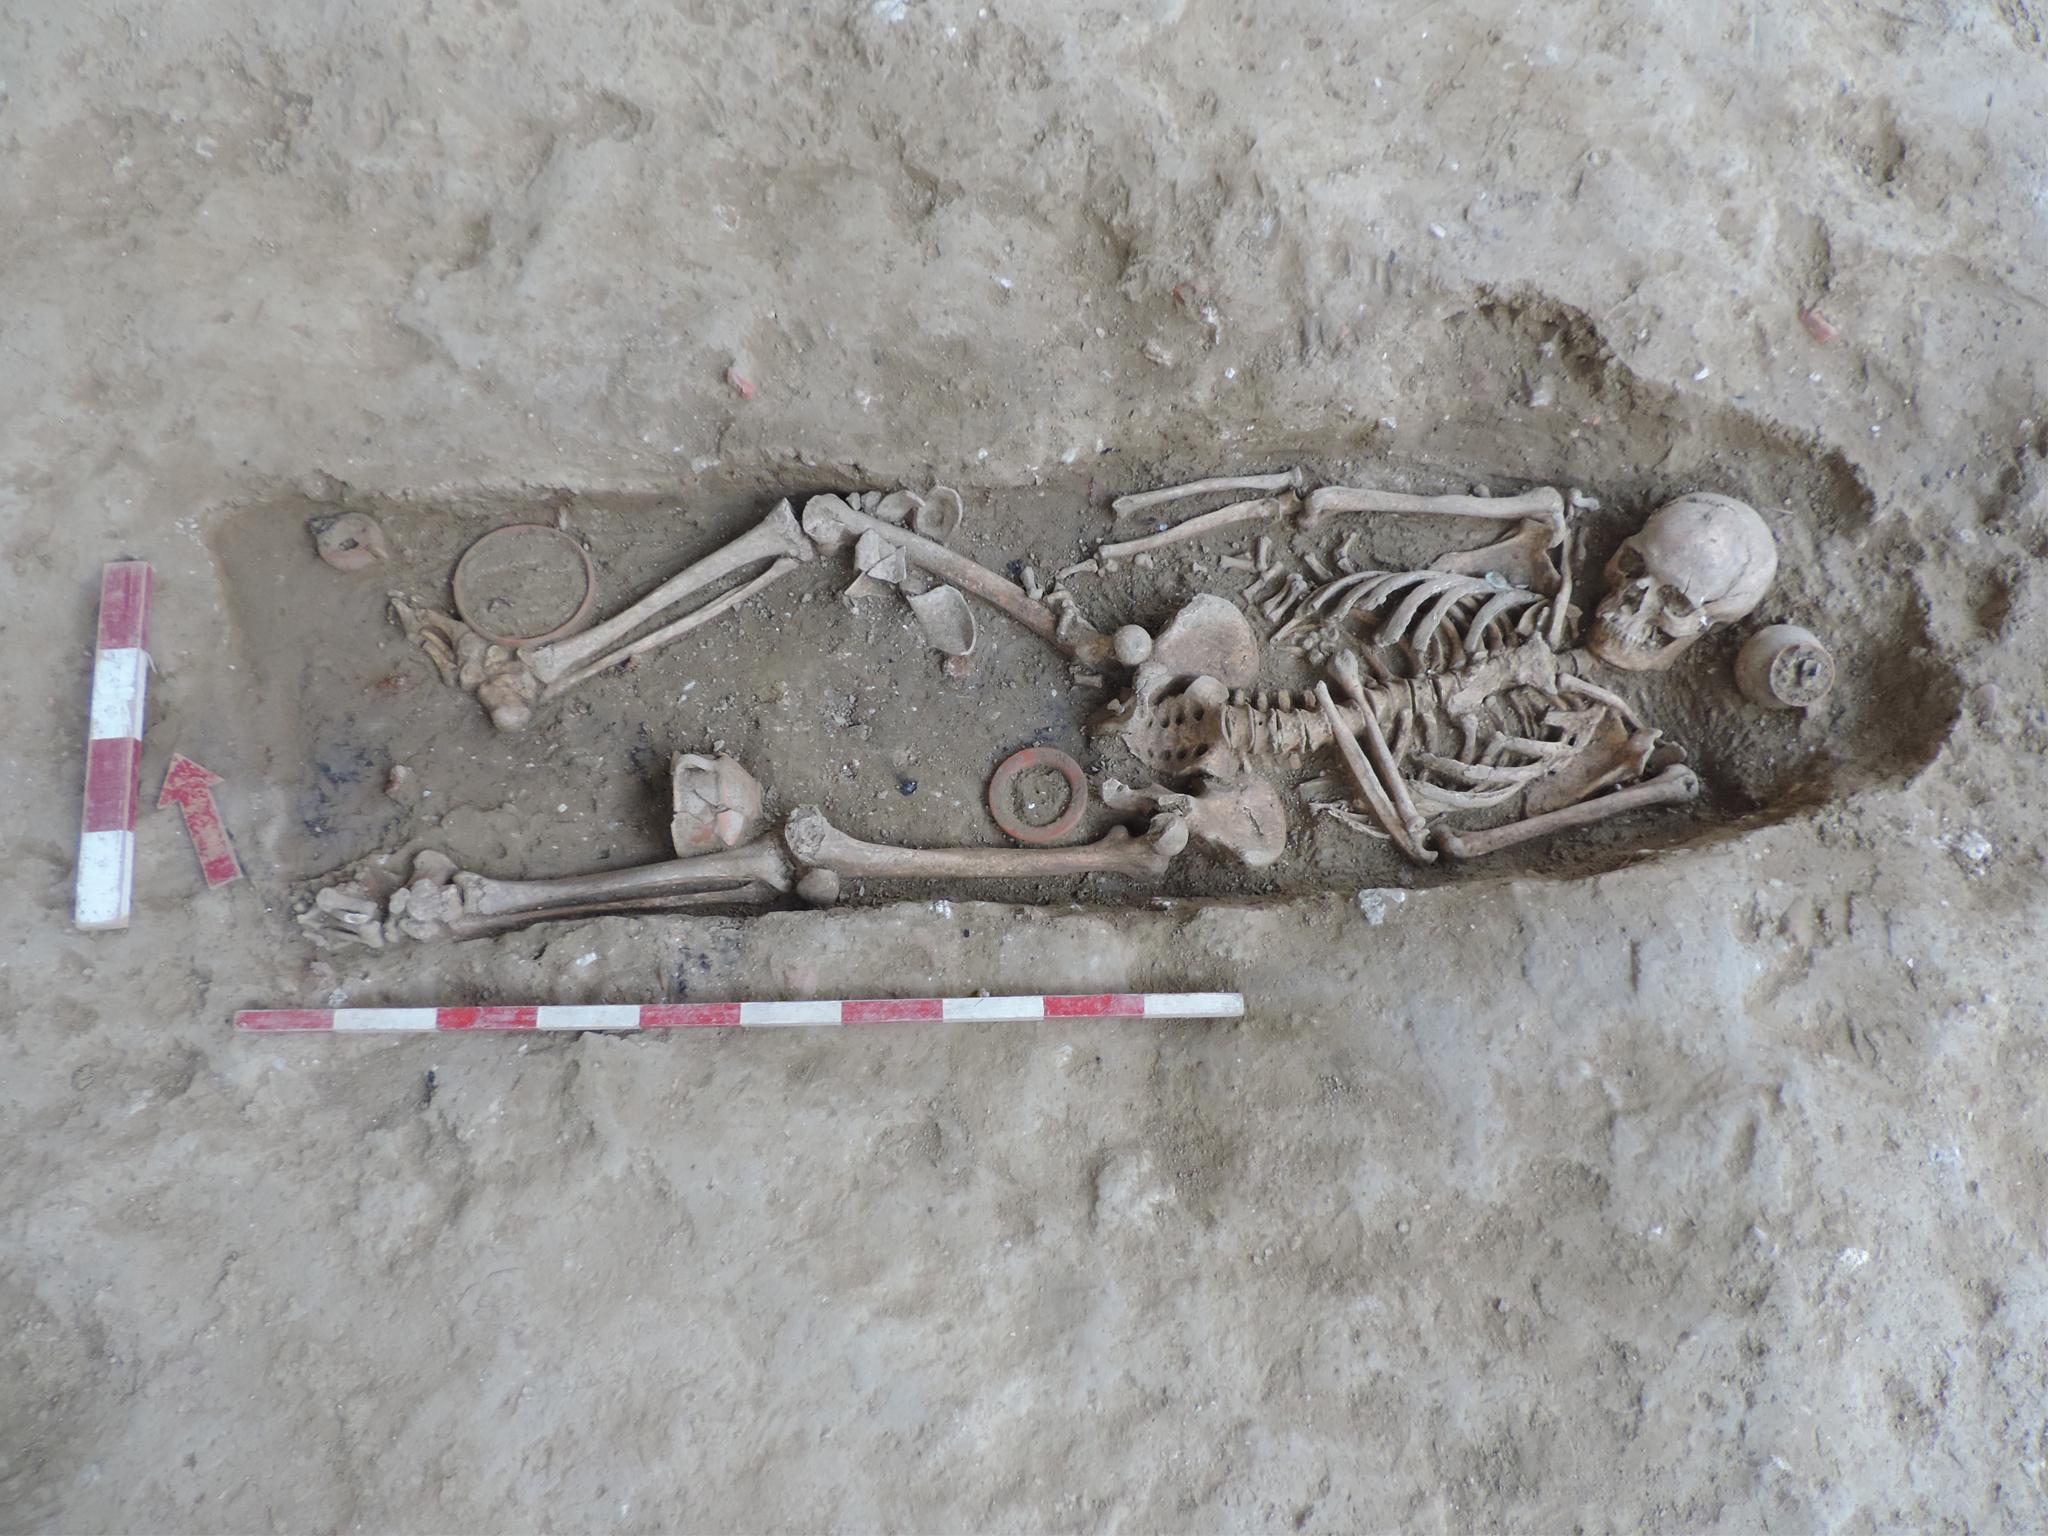 Necrópole Romana